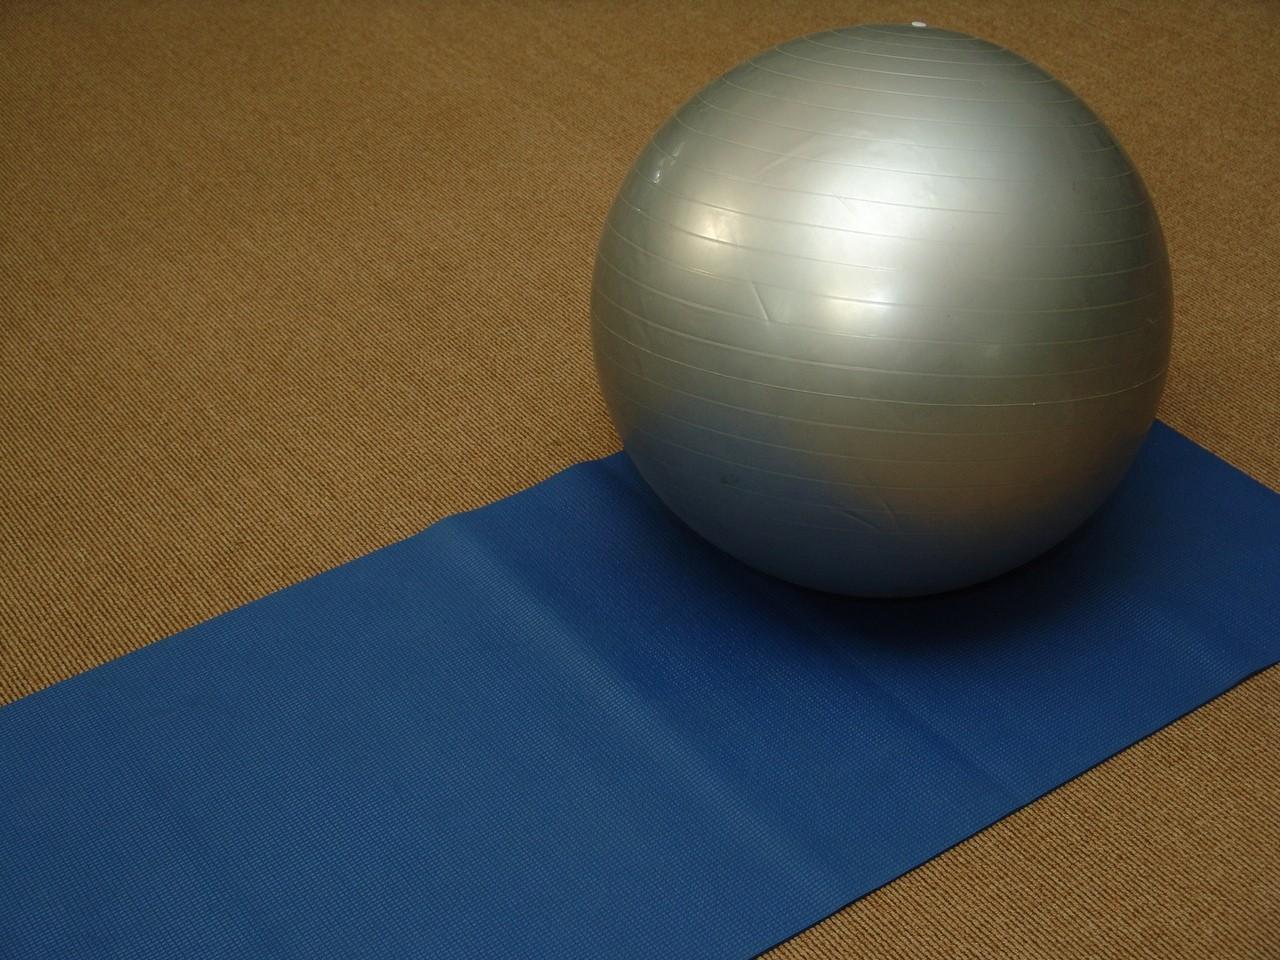 Mata do ćwiczeń może się przydać